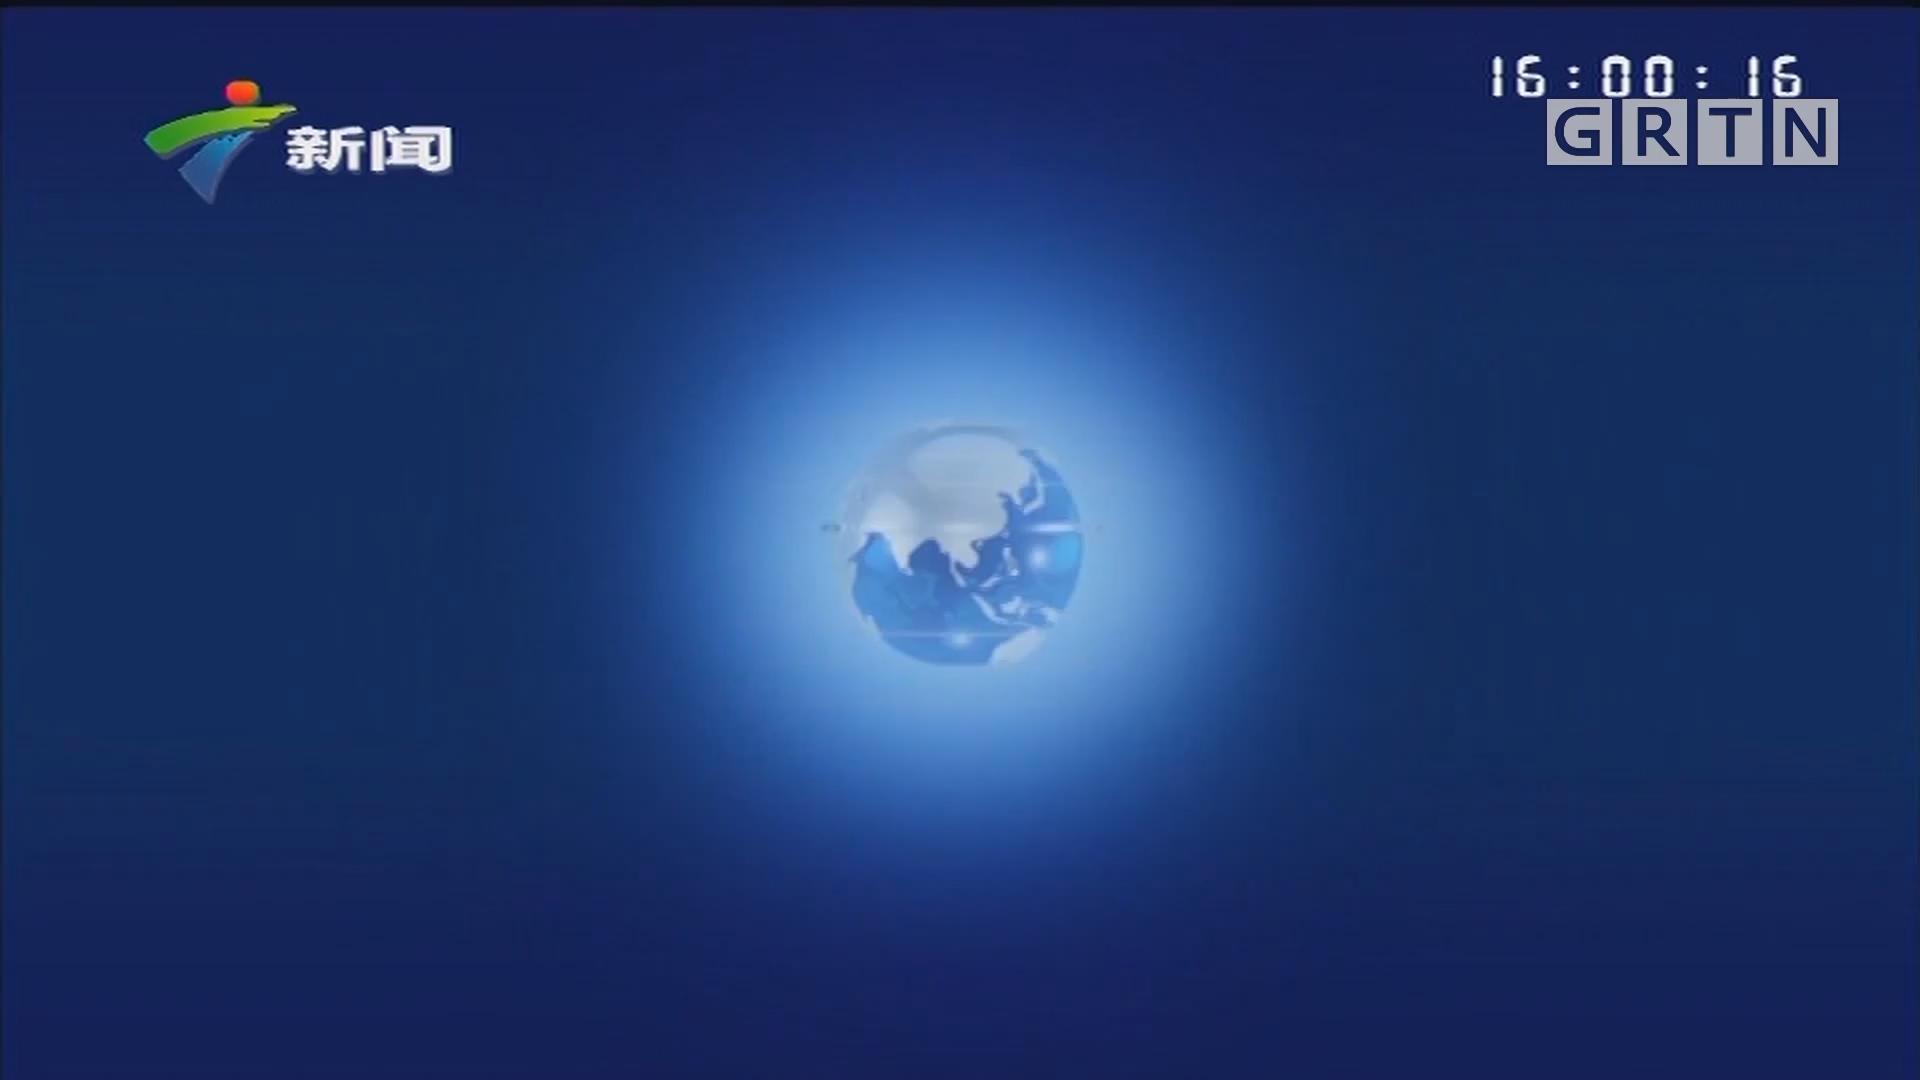 [HD][2019-12-02-16:00]正点播报:广州大道北地陷追踪